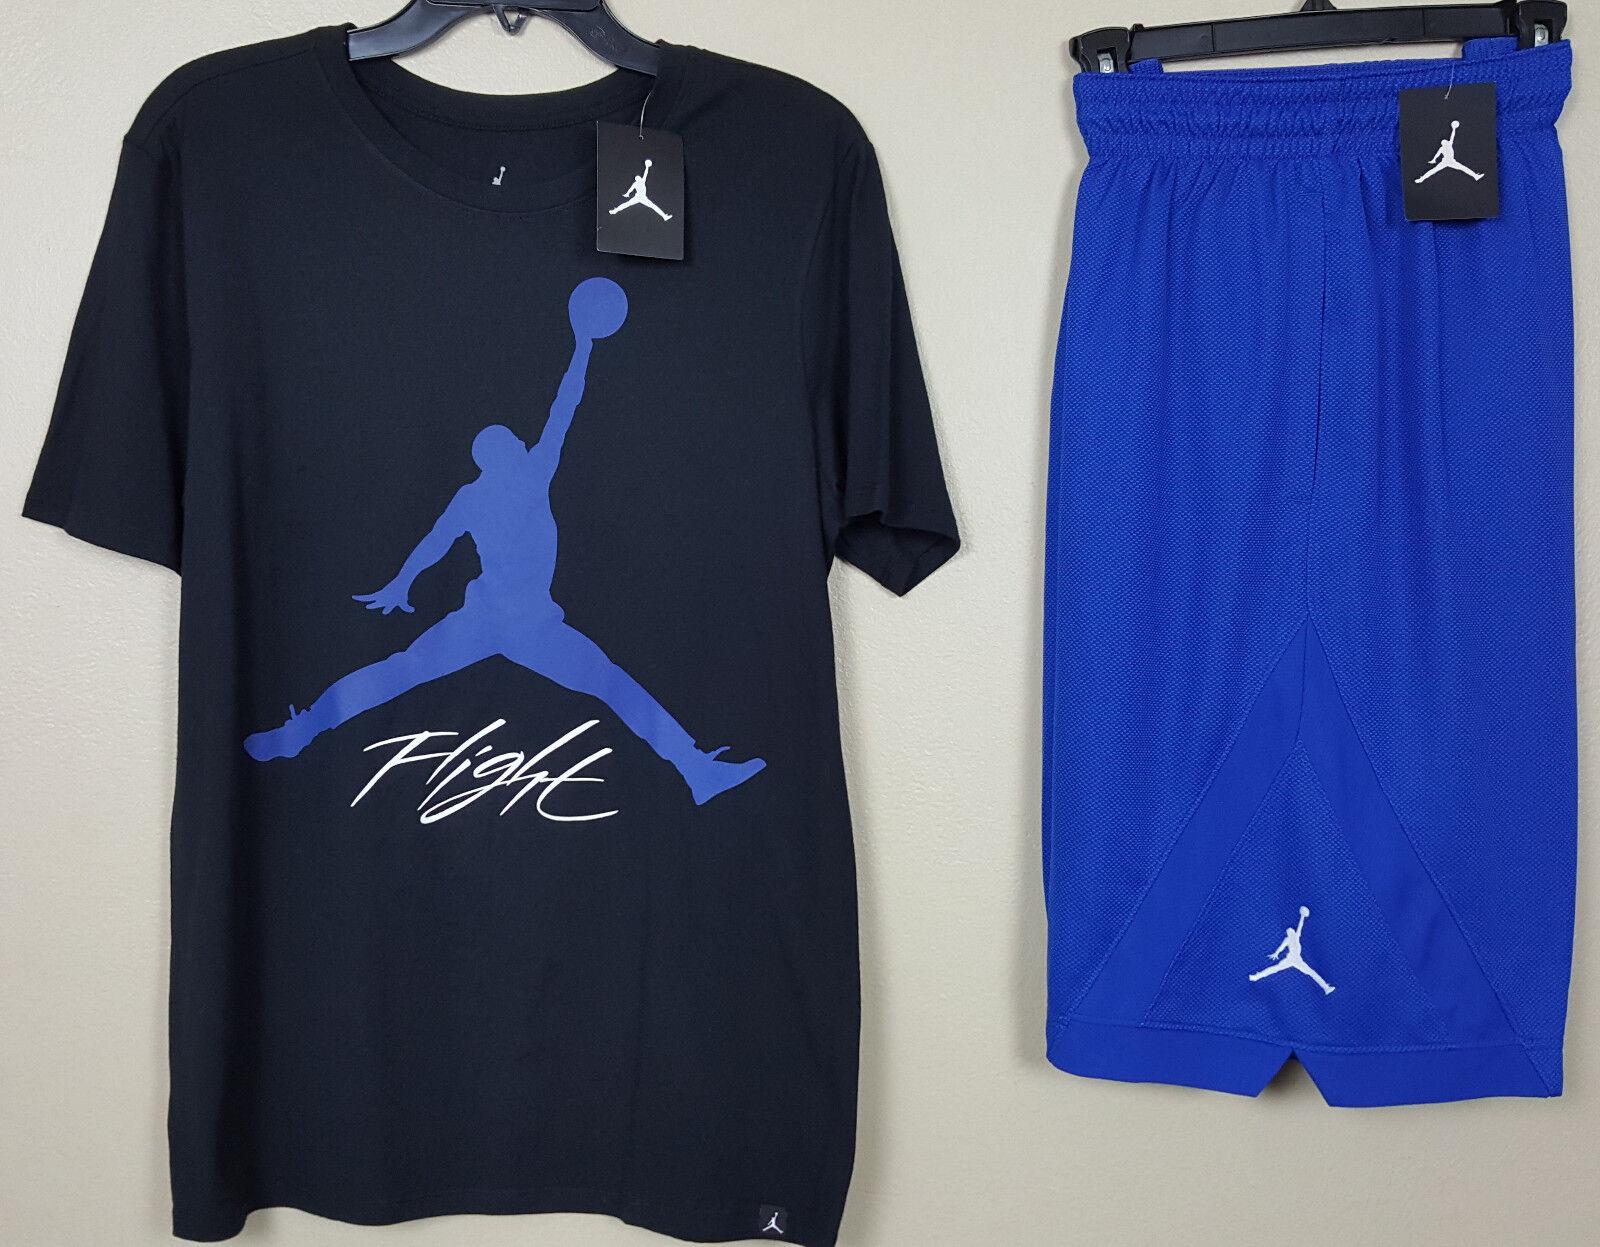 Nike jordan volo completo camicia nera   pantaloncini blu reale rari (dimensioni medie)